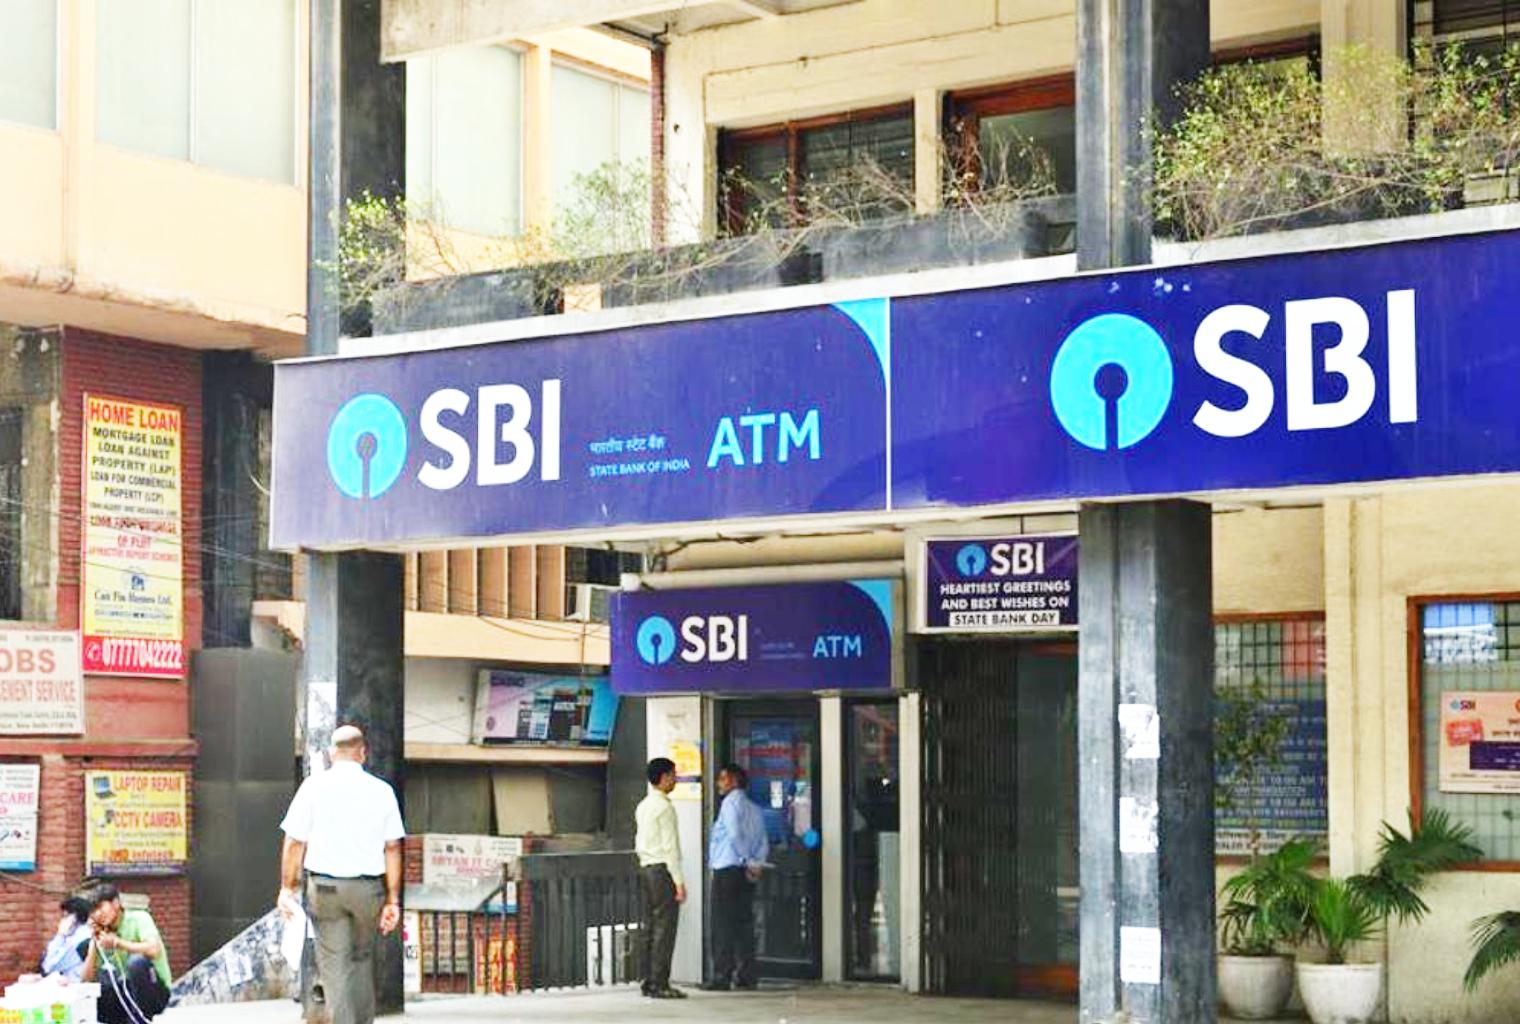 El jefe del Banco Estatal de la India argumenta que la regulación de la criptografía es imprescindible